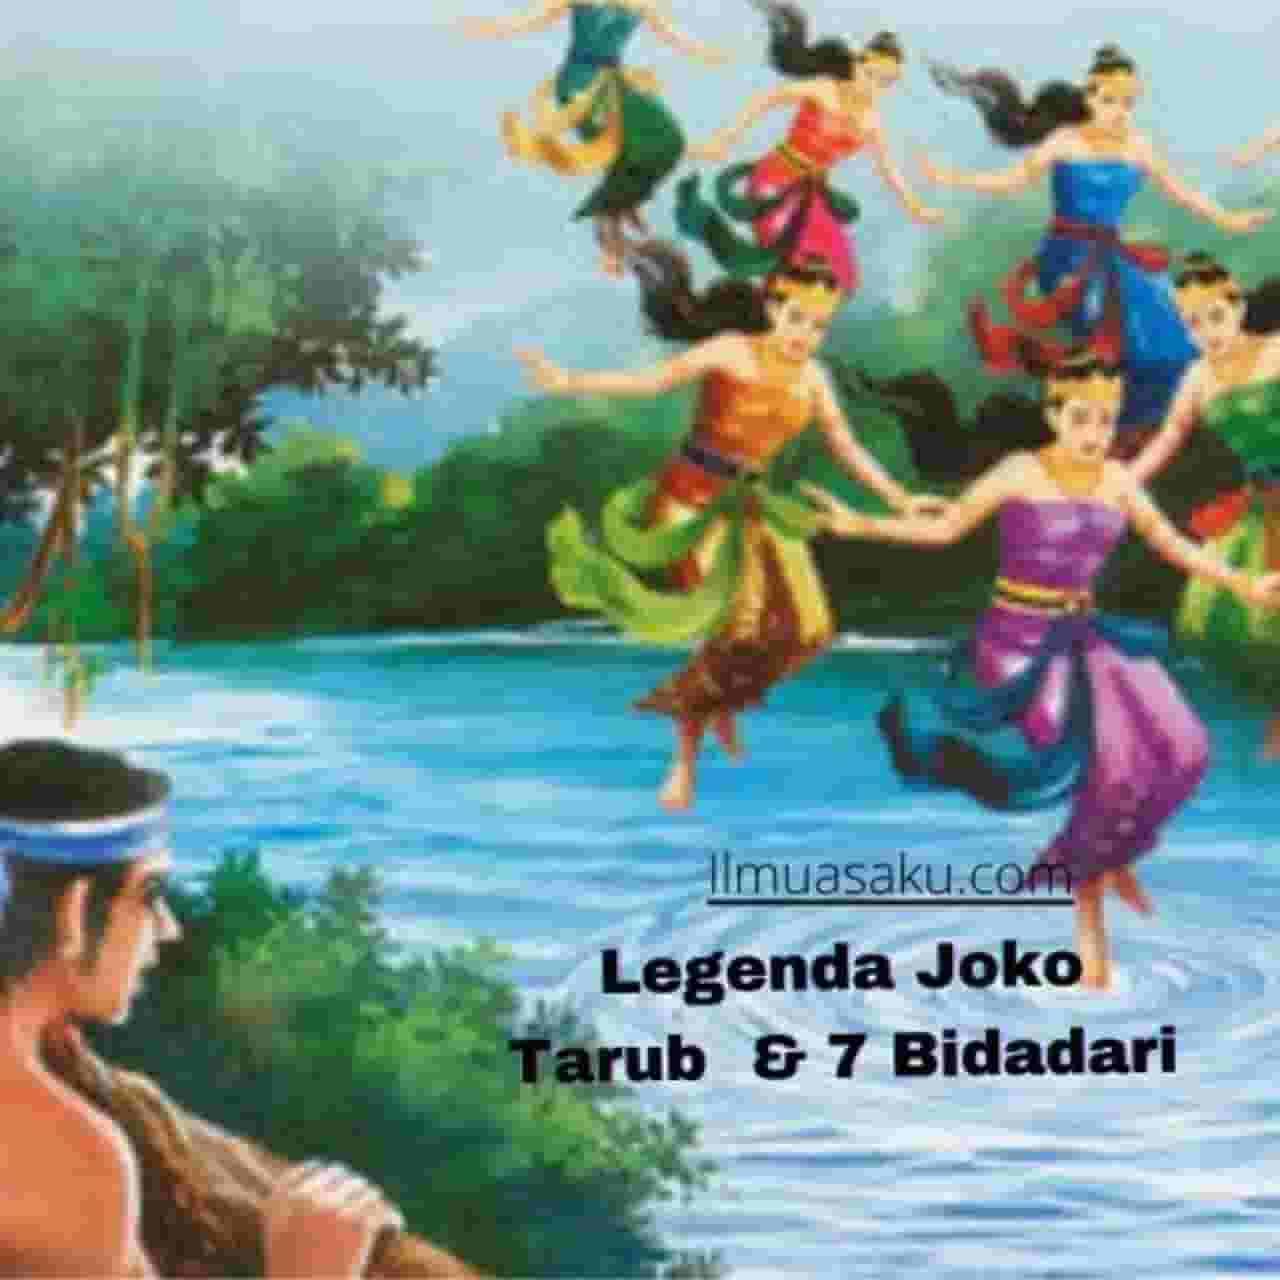 Legenda Joko Tarub dan 7 Bidadari